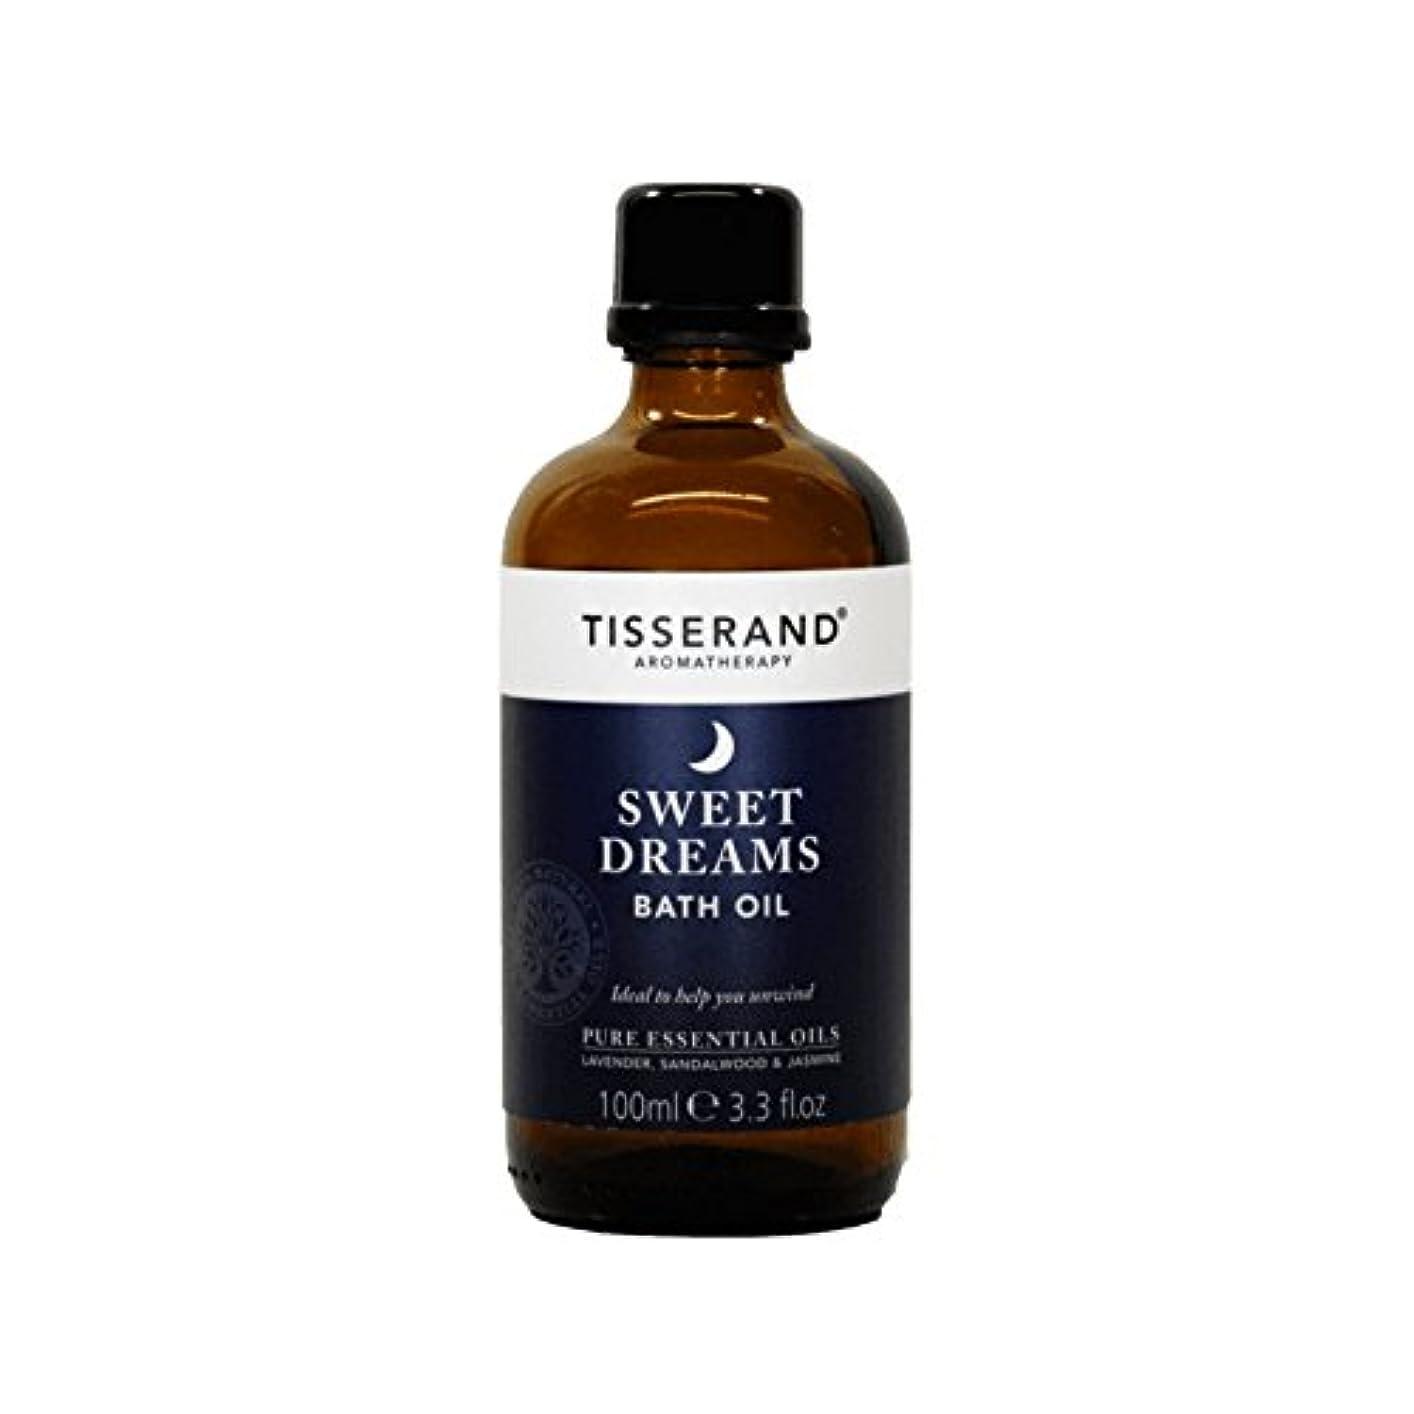 既に検出器キャプテンティスランド甘い夢バスオイルの100ミリリットル - Tisserand Sweet Dreams Bath Oil 100ml (Tisserand) [並行輸入品]